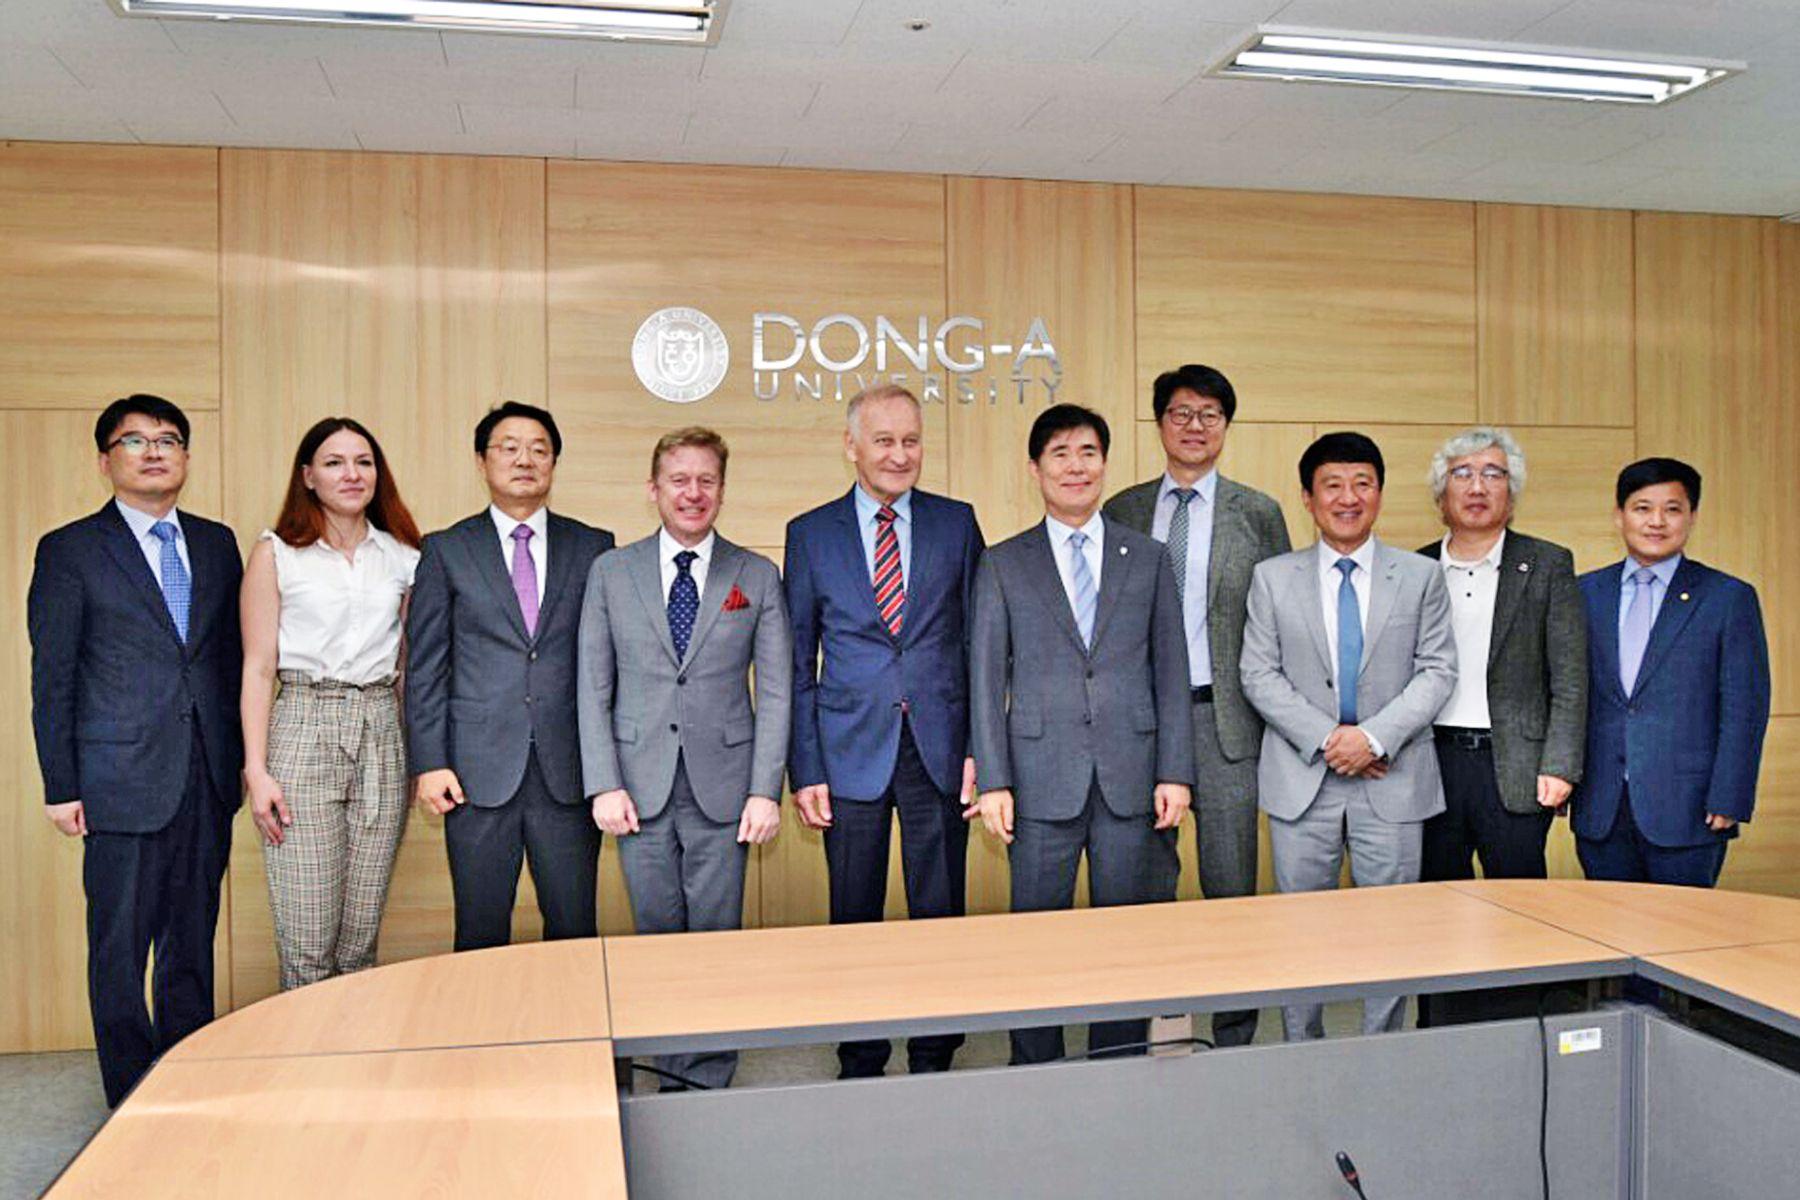 Подписан меморандум о расширении сотрудничества между ВГУЭС и Донг-А университетом